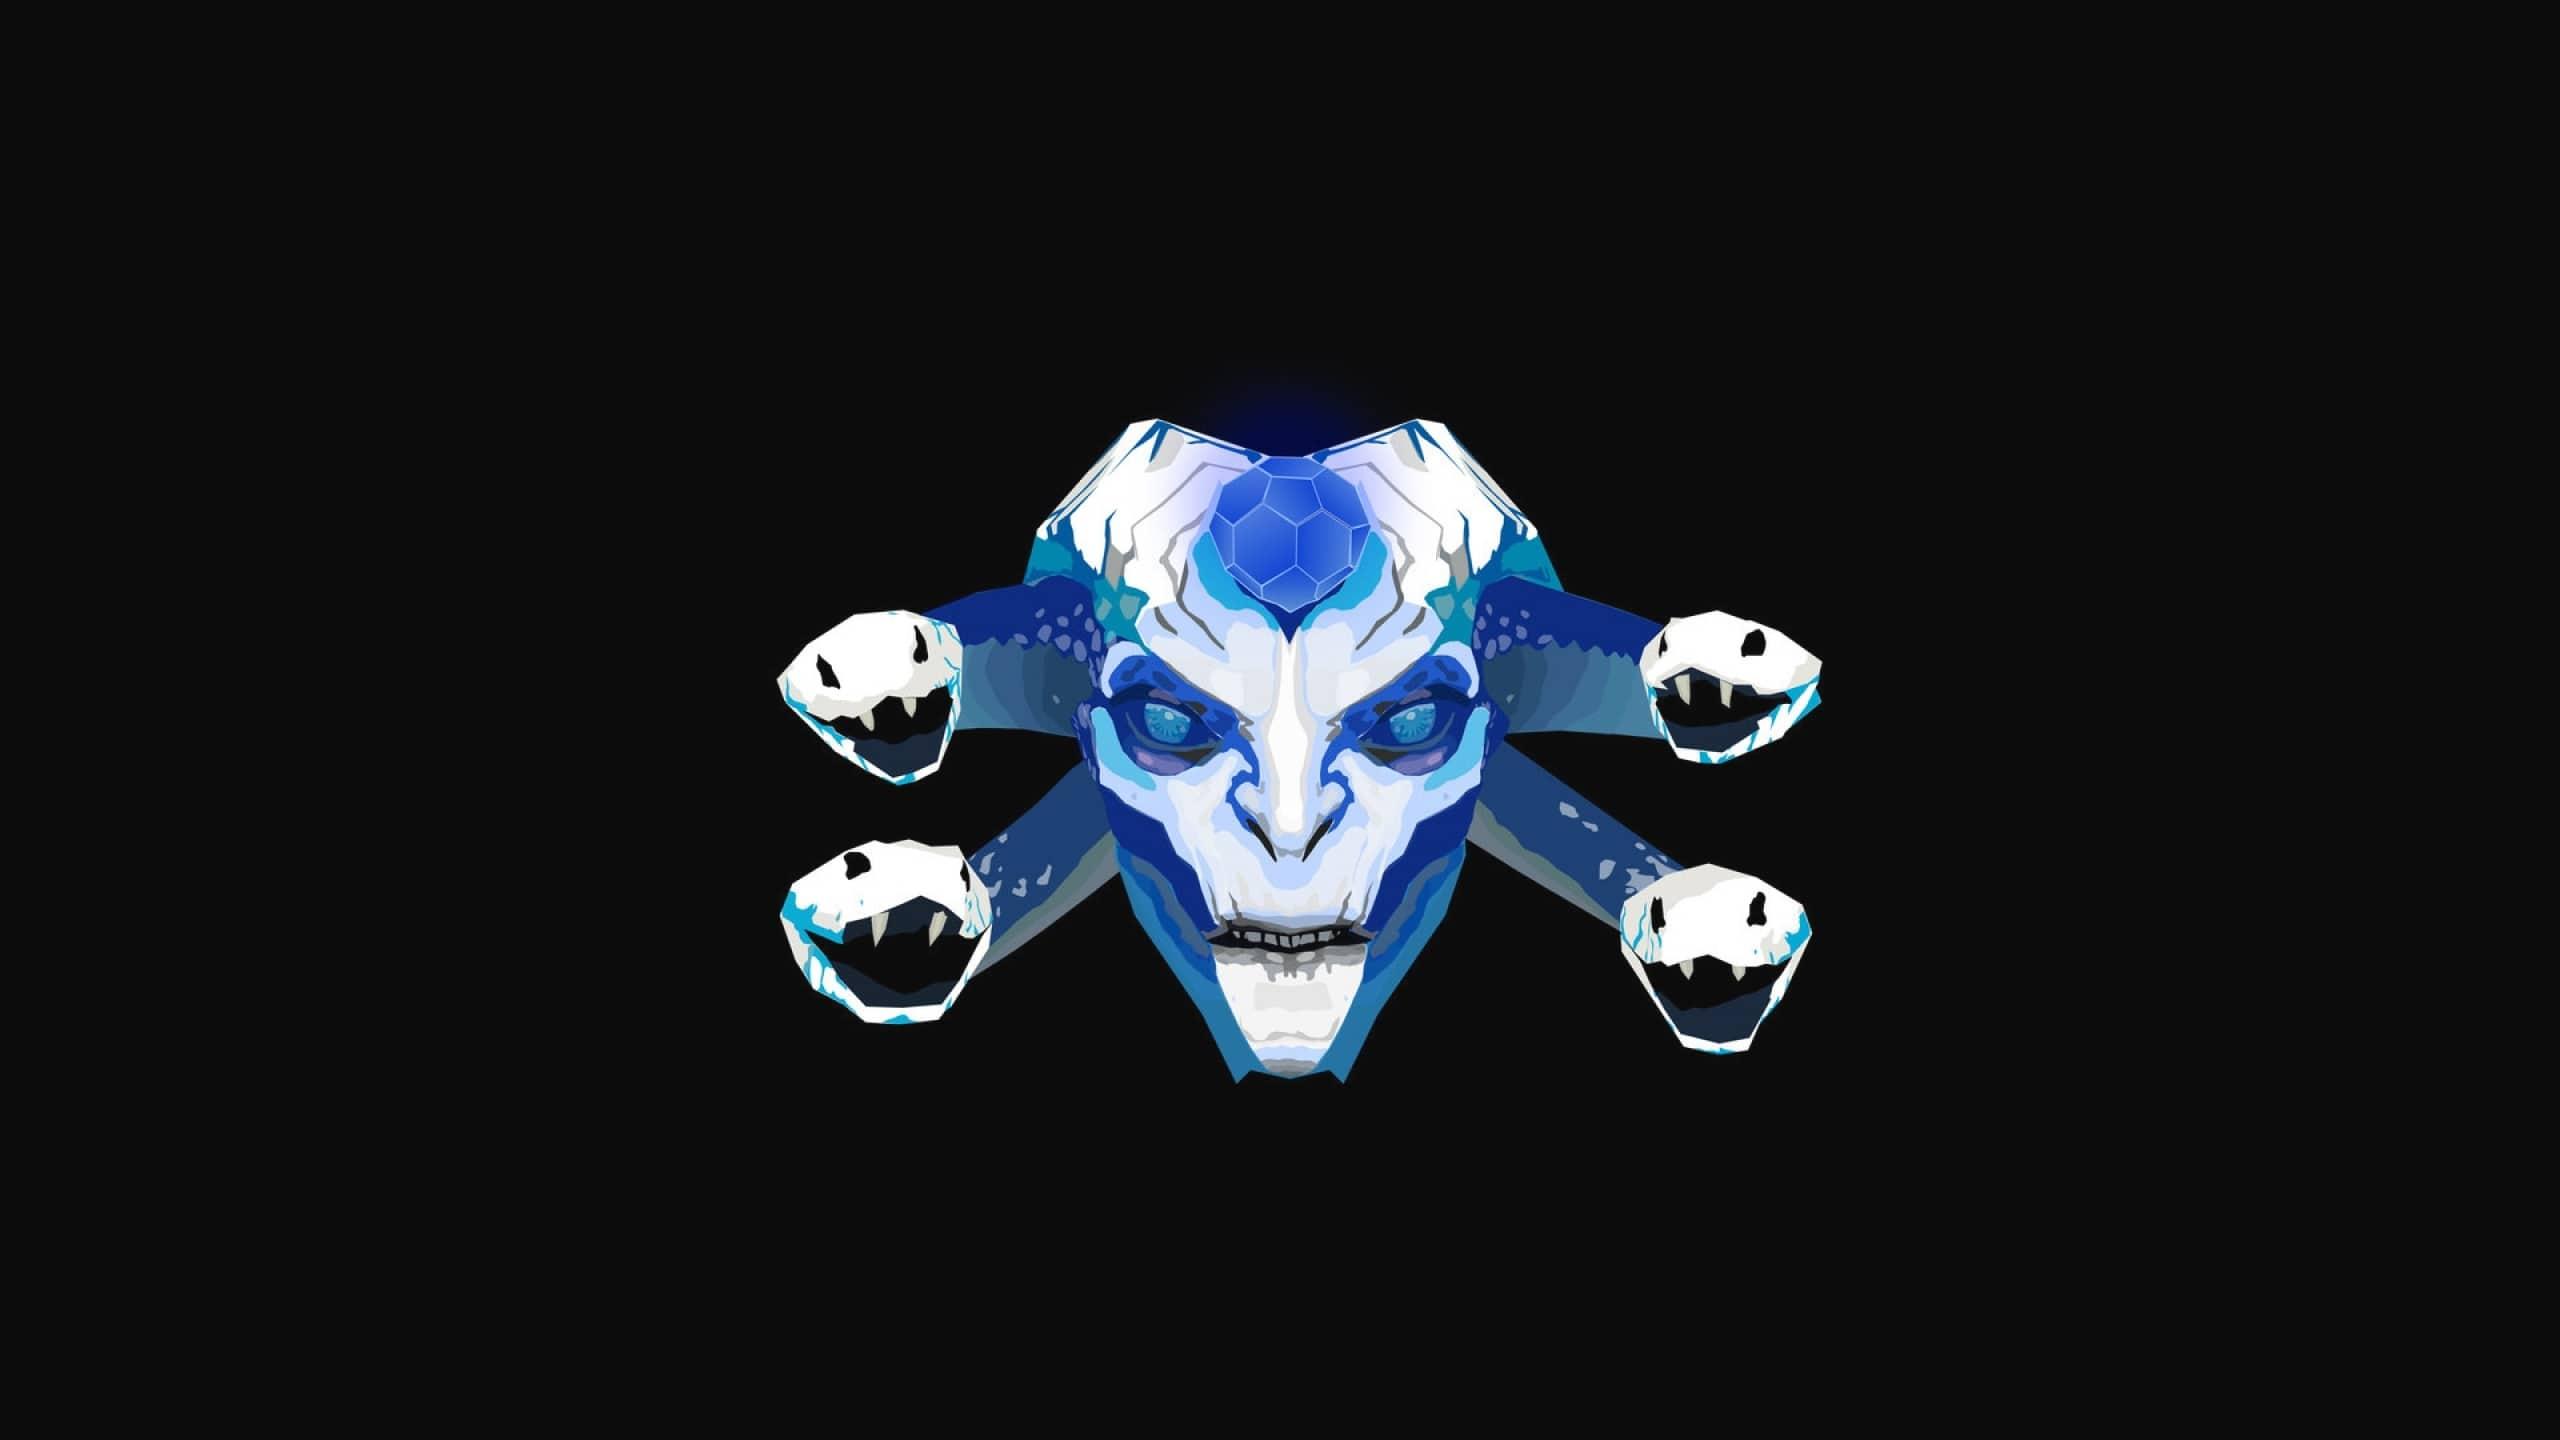 Dota2 : Medusa desktop wallpaper